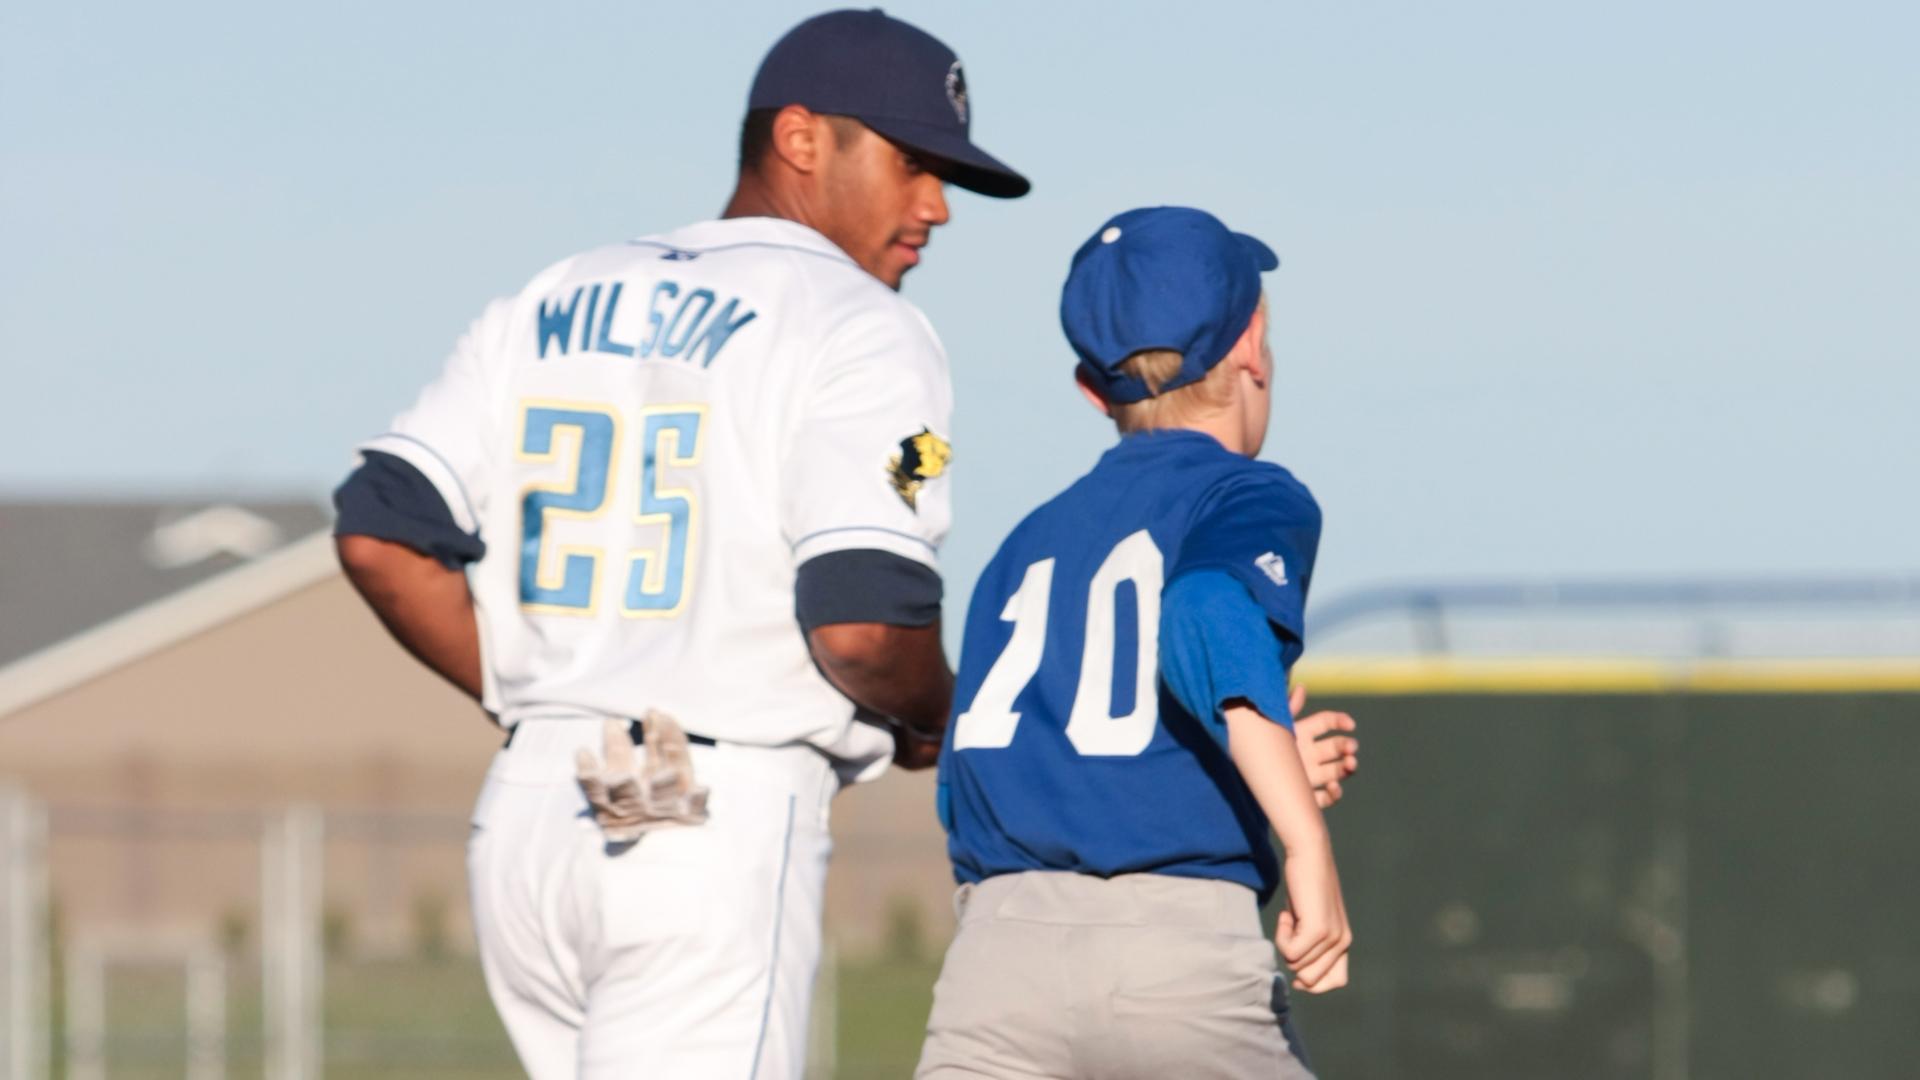 russell wilson baseball jersey